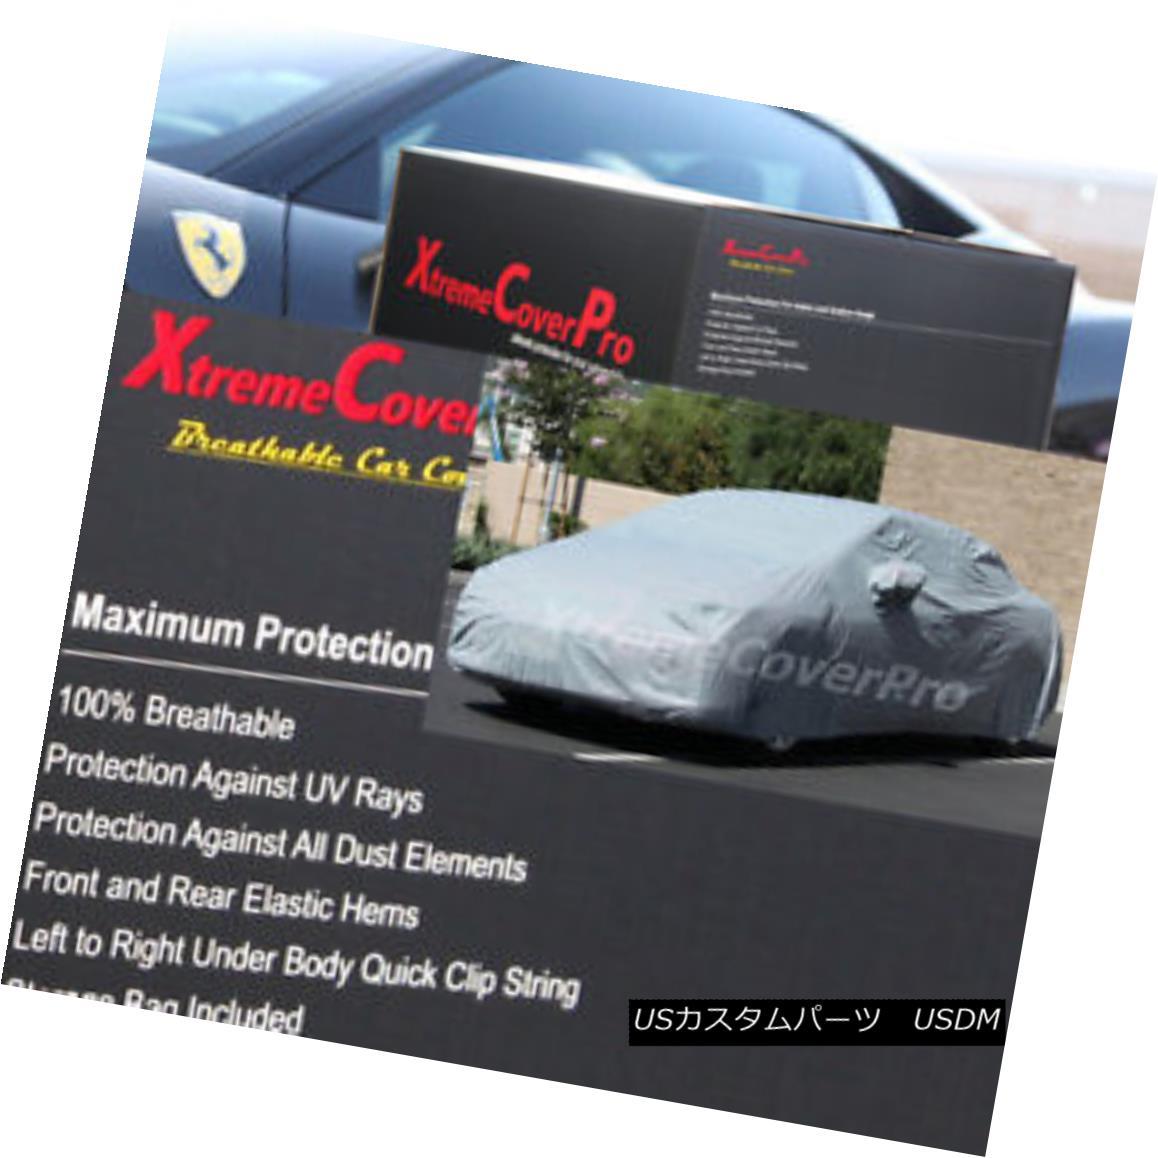 カーカバー 2005 2006 2007 Ford Focus 5-Door Hatchback Breathable Car Cover w/MirrorPocket 2005年2006年2007年フォードフォーカス5ドアハッチバック通気性車カバー付きMirrorPocket